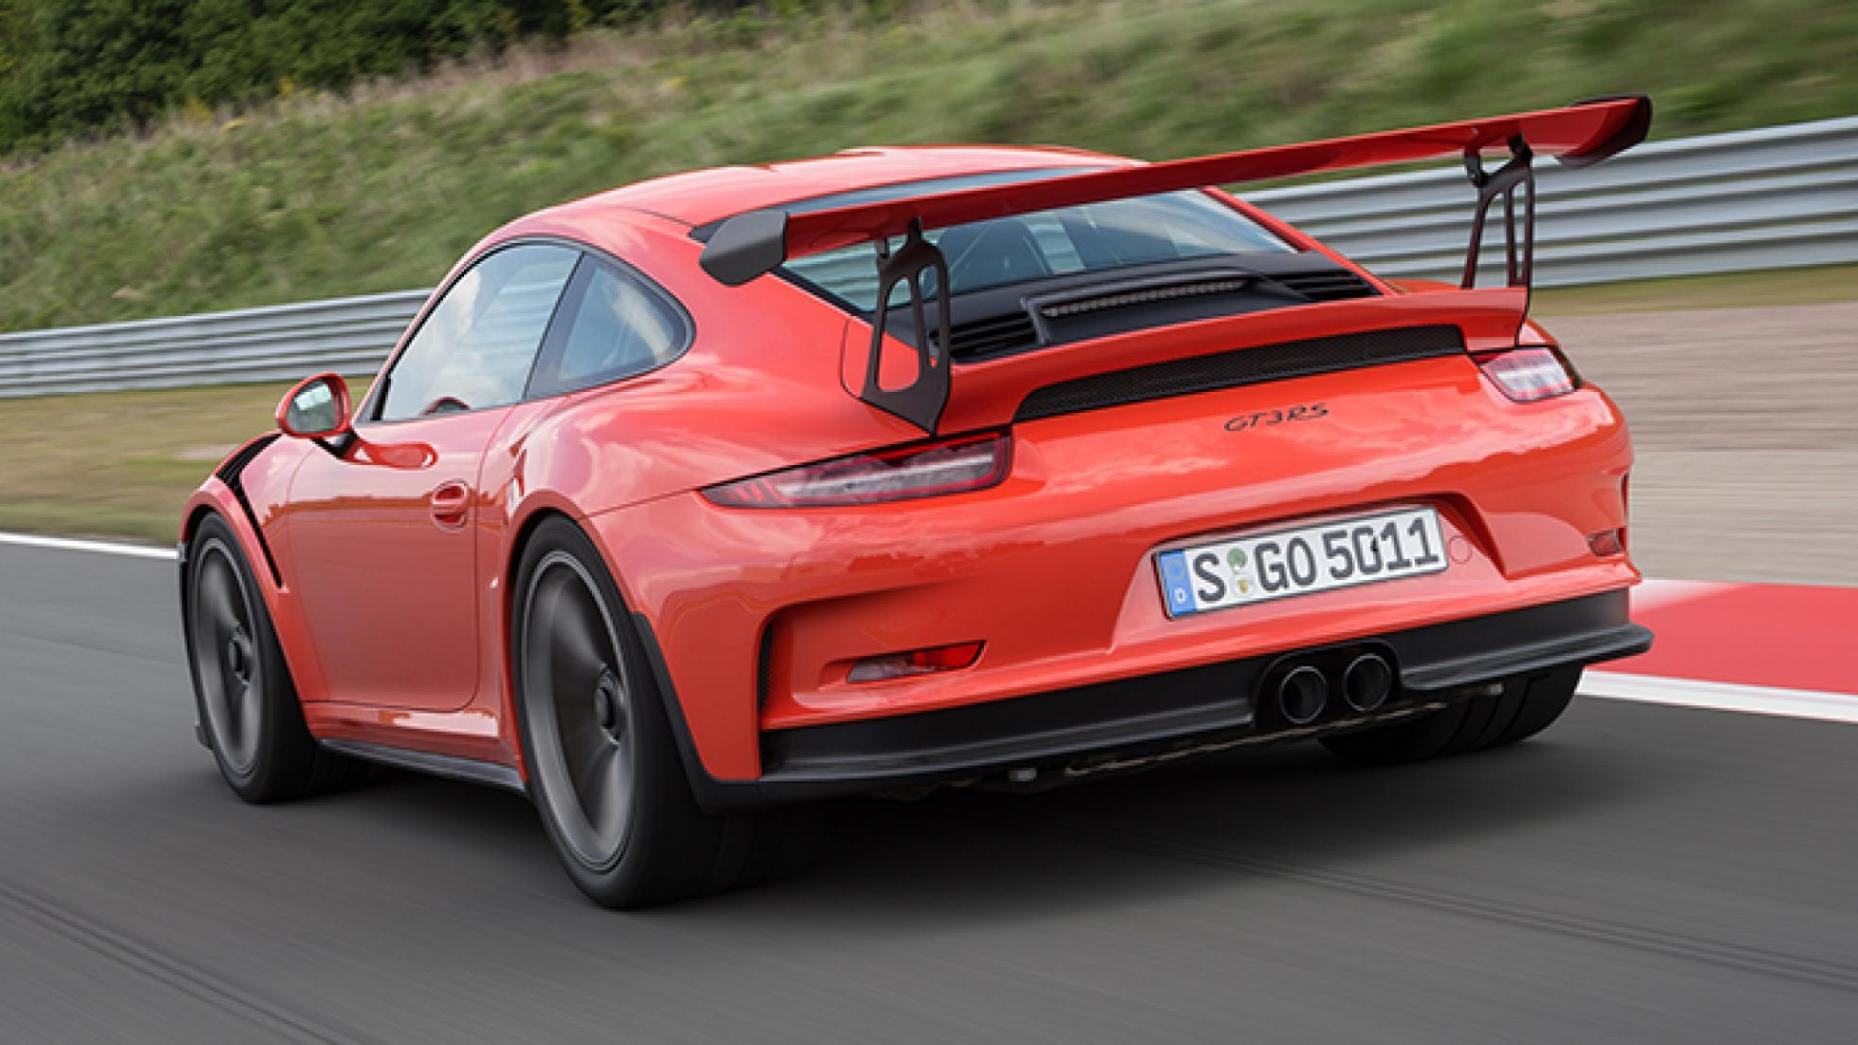 12-Porsche 911 GT3 RS 493bhp, 193mph